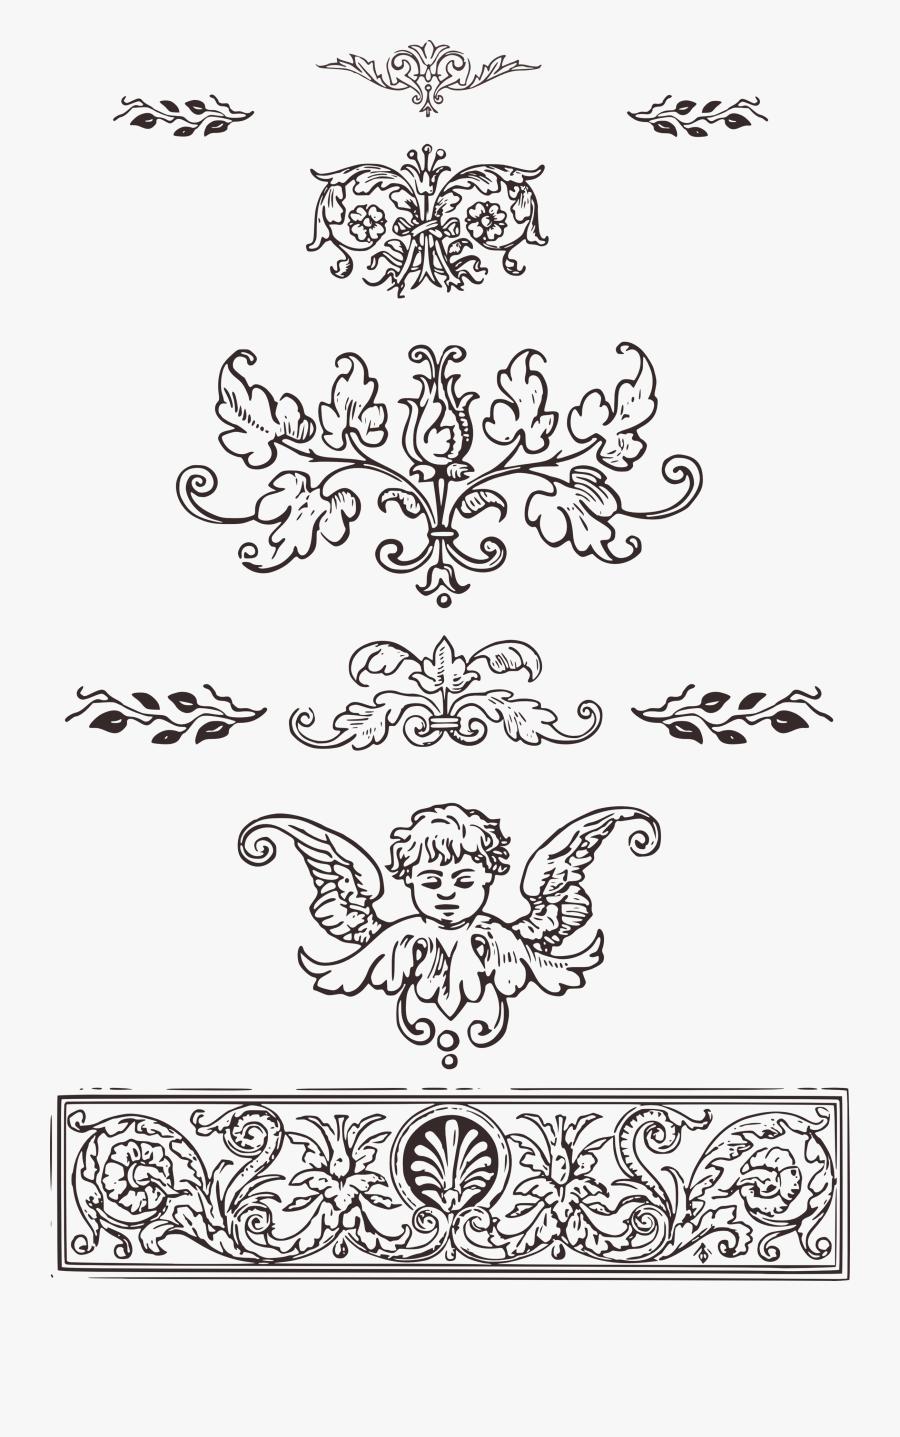 Transparent Ornament Clip Art - Vintage Decoration Ornaments Png, Transparent Clipart